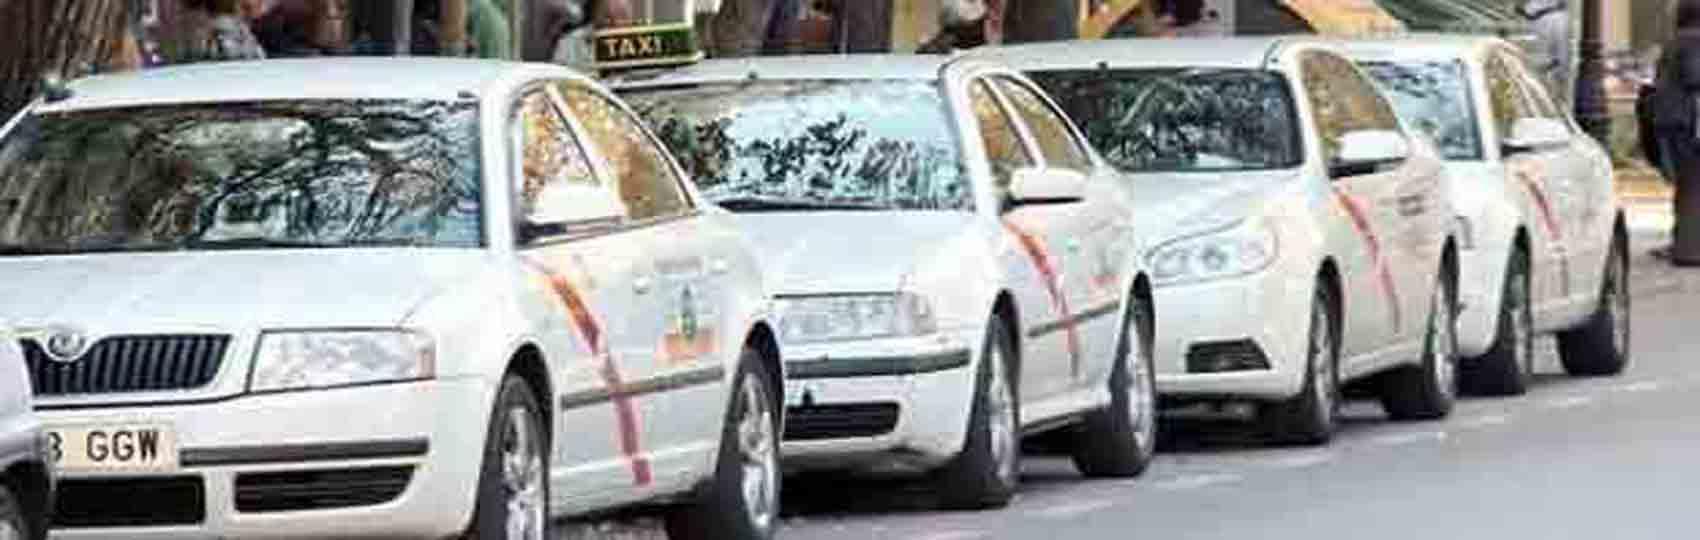 Noticias del sector del taxi y la movilidad en Cáceres. Mantente informado de todas las noticias del taxi de Cáceres en el grupo de Facebook de Todo Taxi.